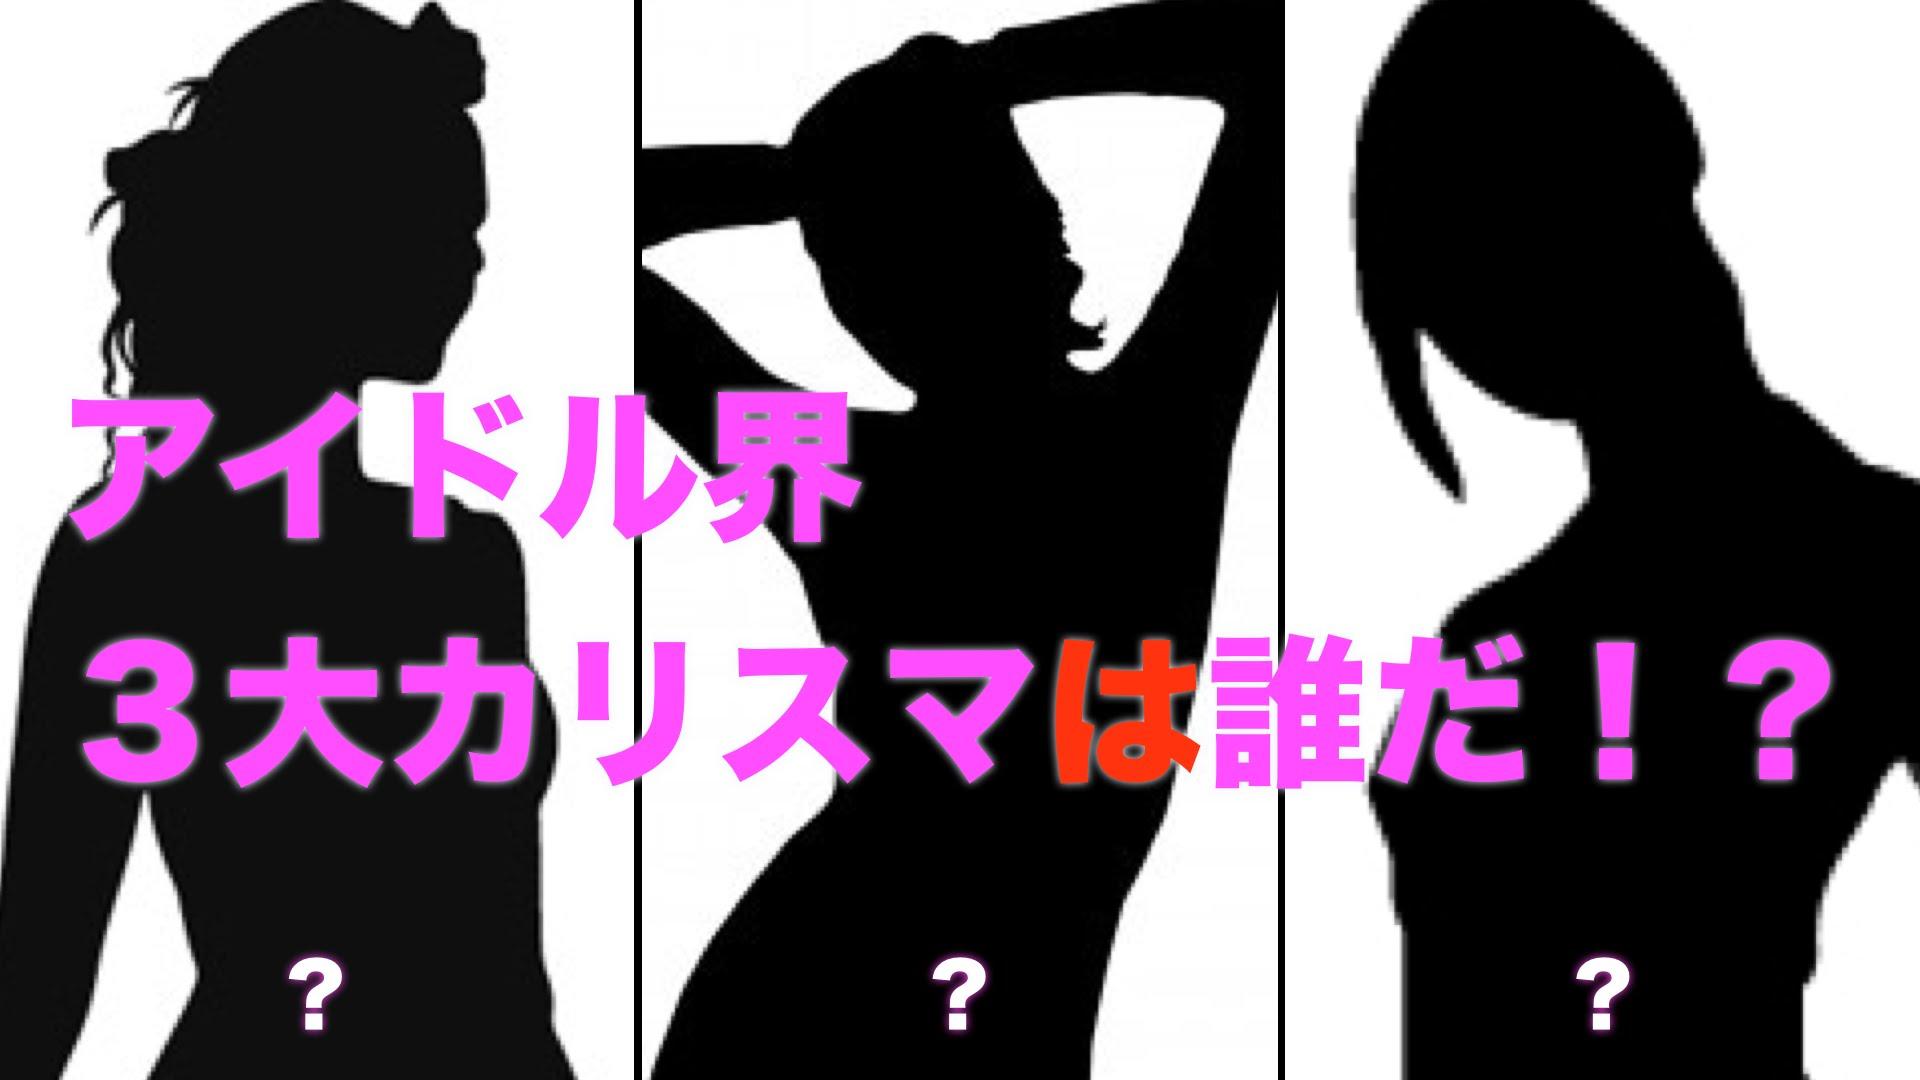 アイドル界3大カリスマ『指原莉乃・中元すず香と…』中元すず香はアイドルなんですか?